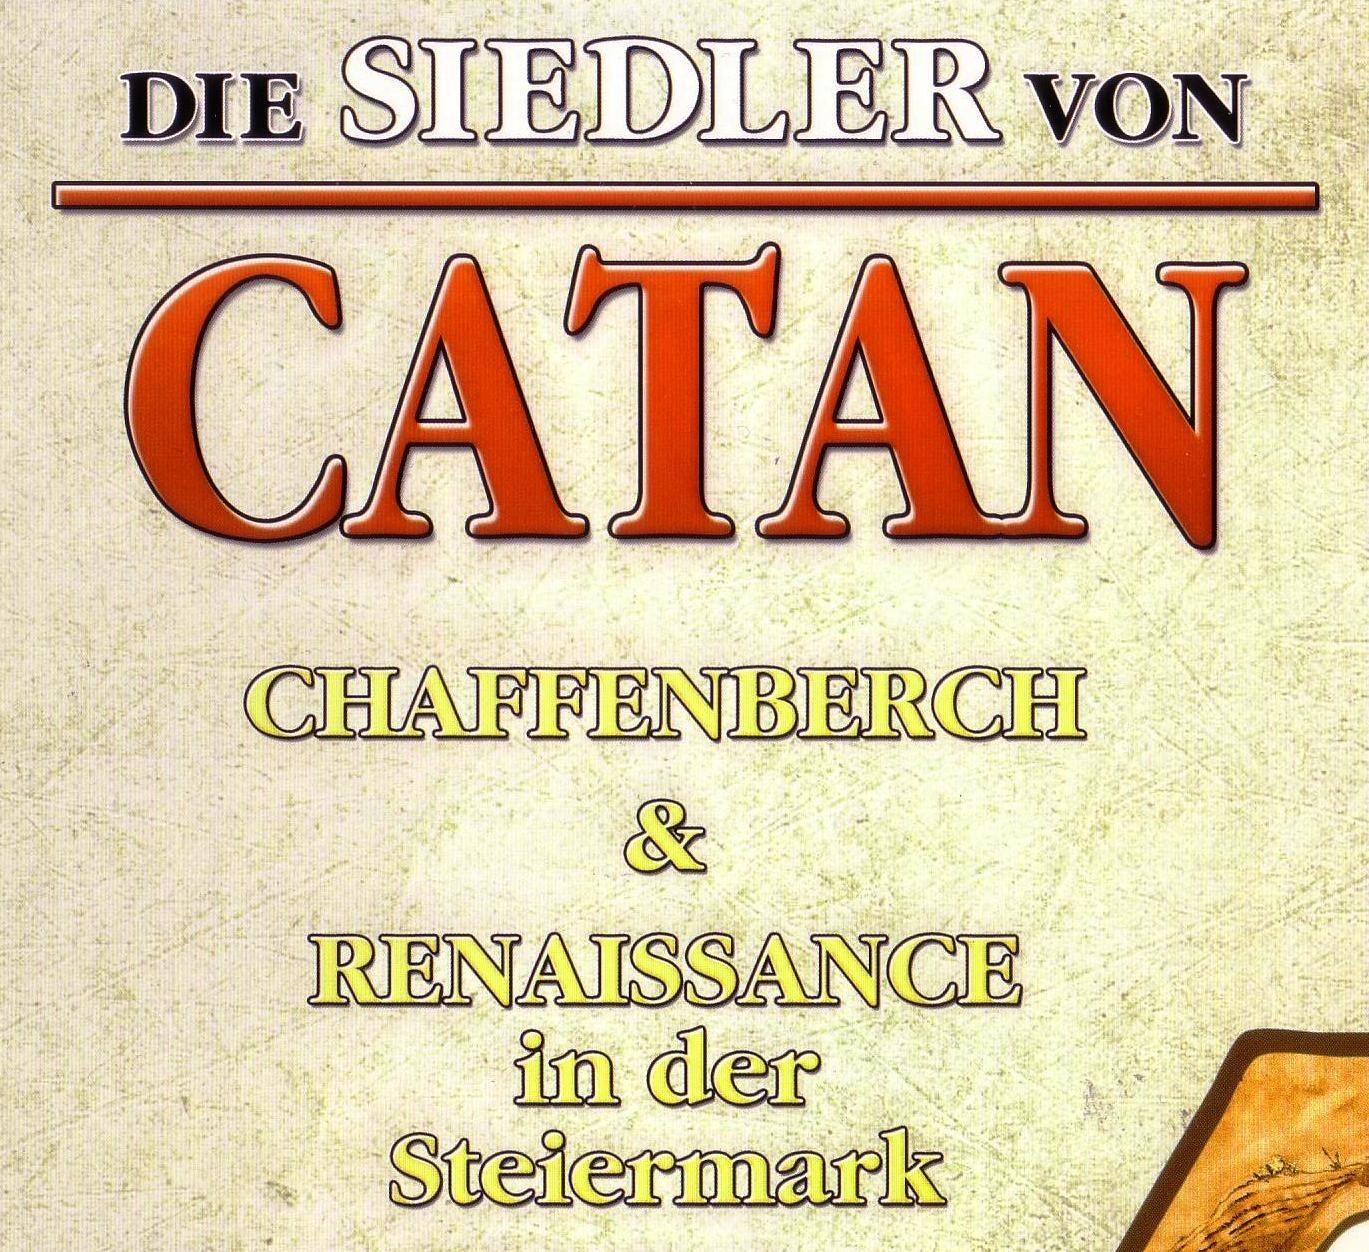 Die Siedler von Catan: Renaissance in der Steiermark & Burgbau auf Chaffenberch